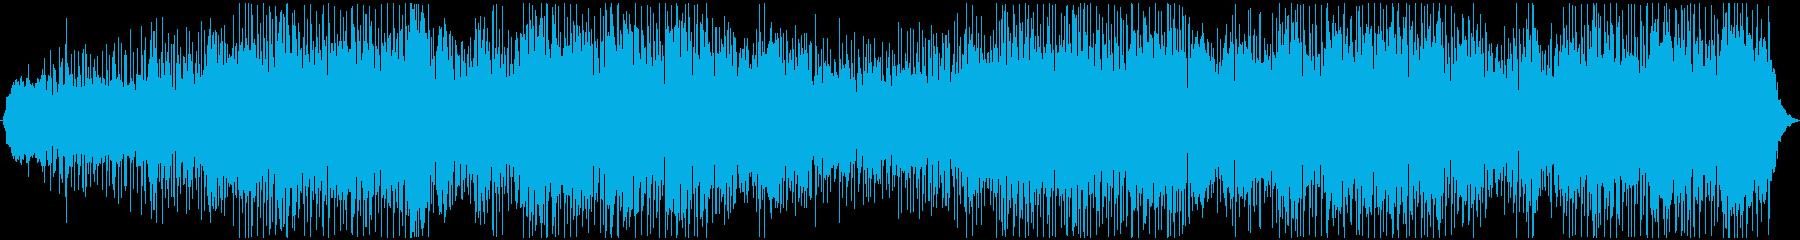 肯定的な発表のための電子脈動アンダ...の再生済みの波形